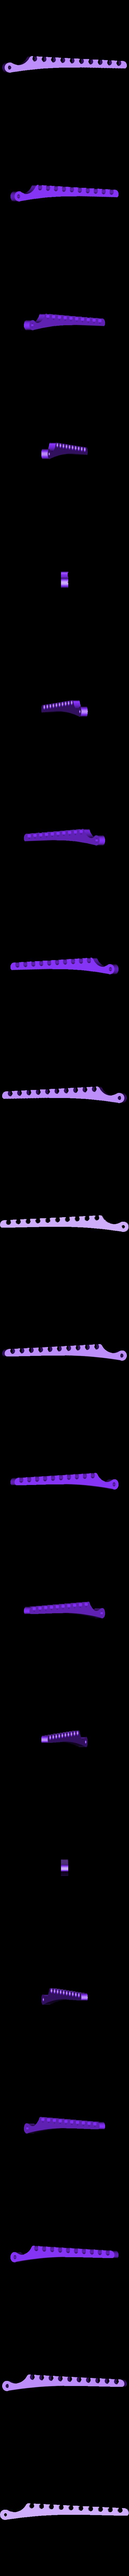 latch.stl Télécharger fichier STL gratuit Fermeture de fenêtre élégante (ne nécessite pas de trous dans le cadre de la fenêtre) • Modèle pour imprimante 3D, kumekay